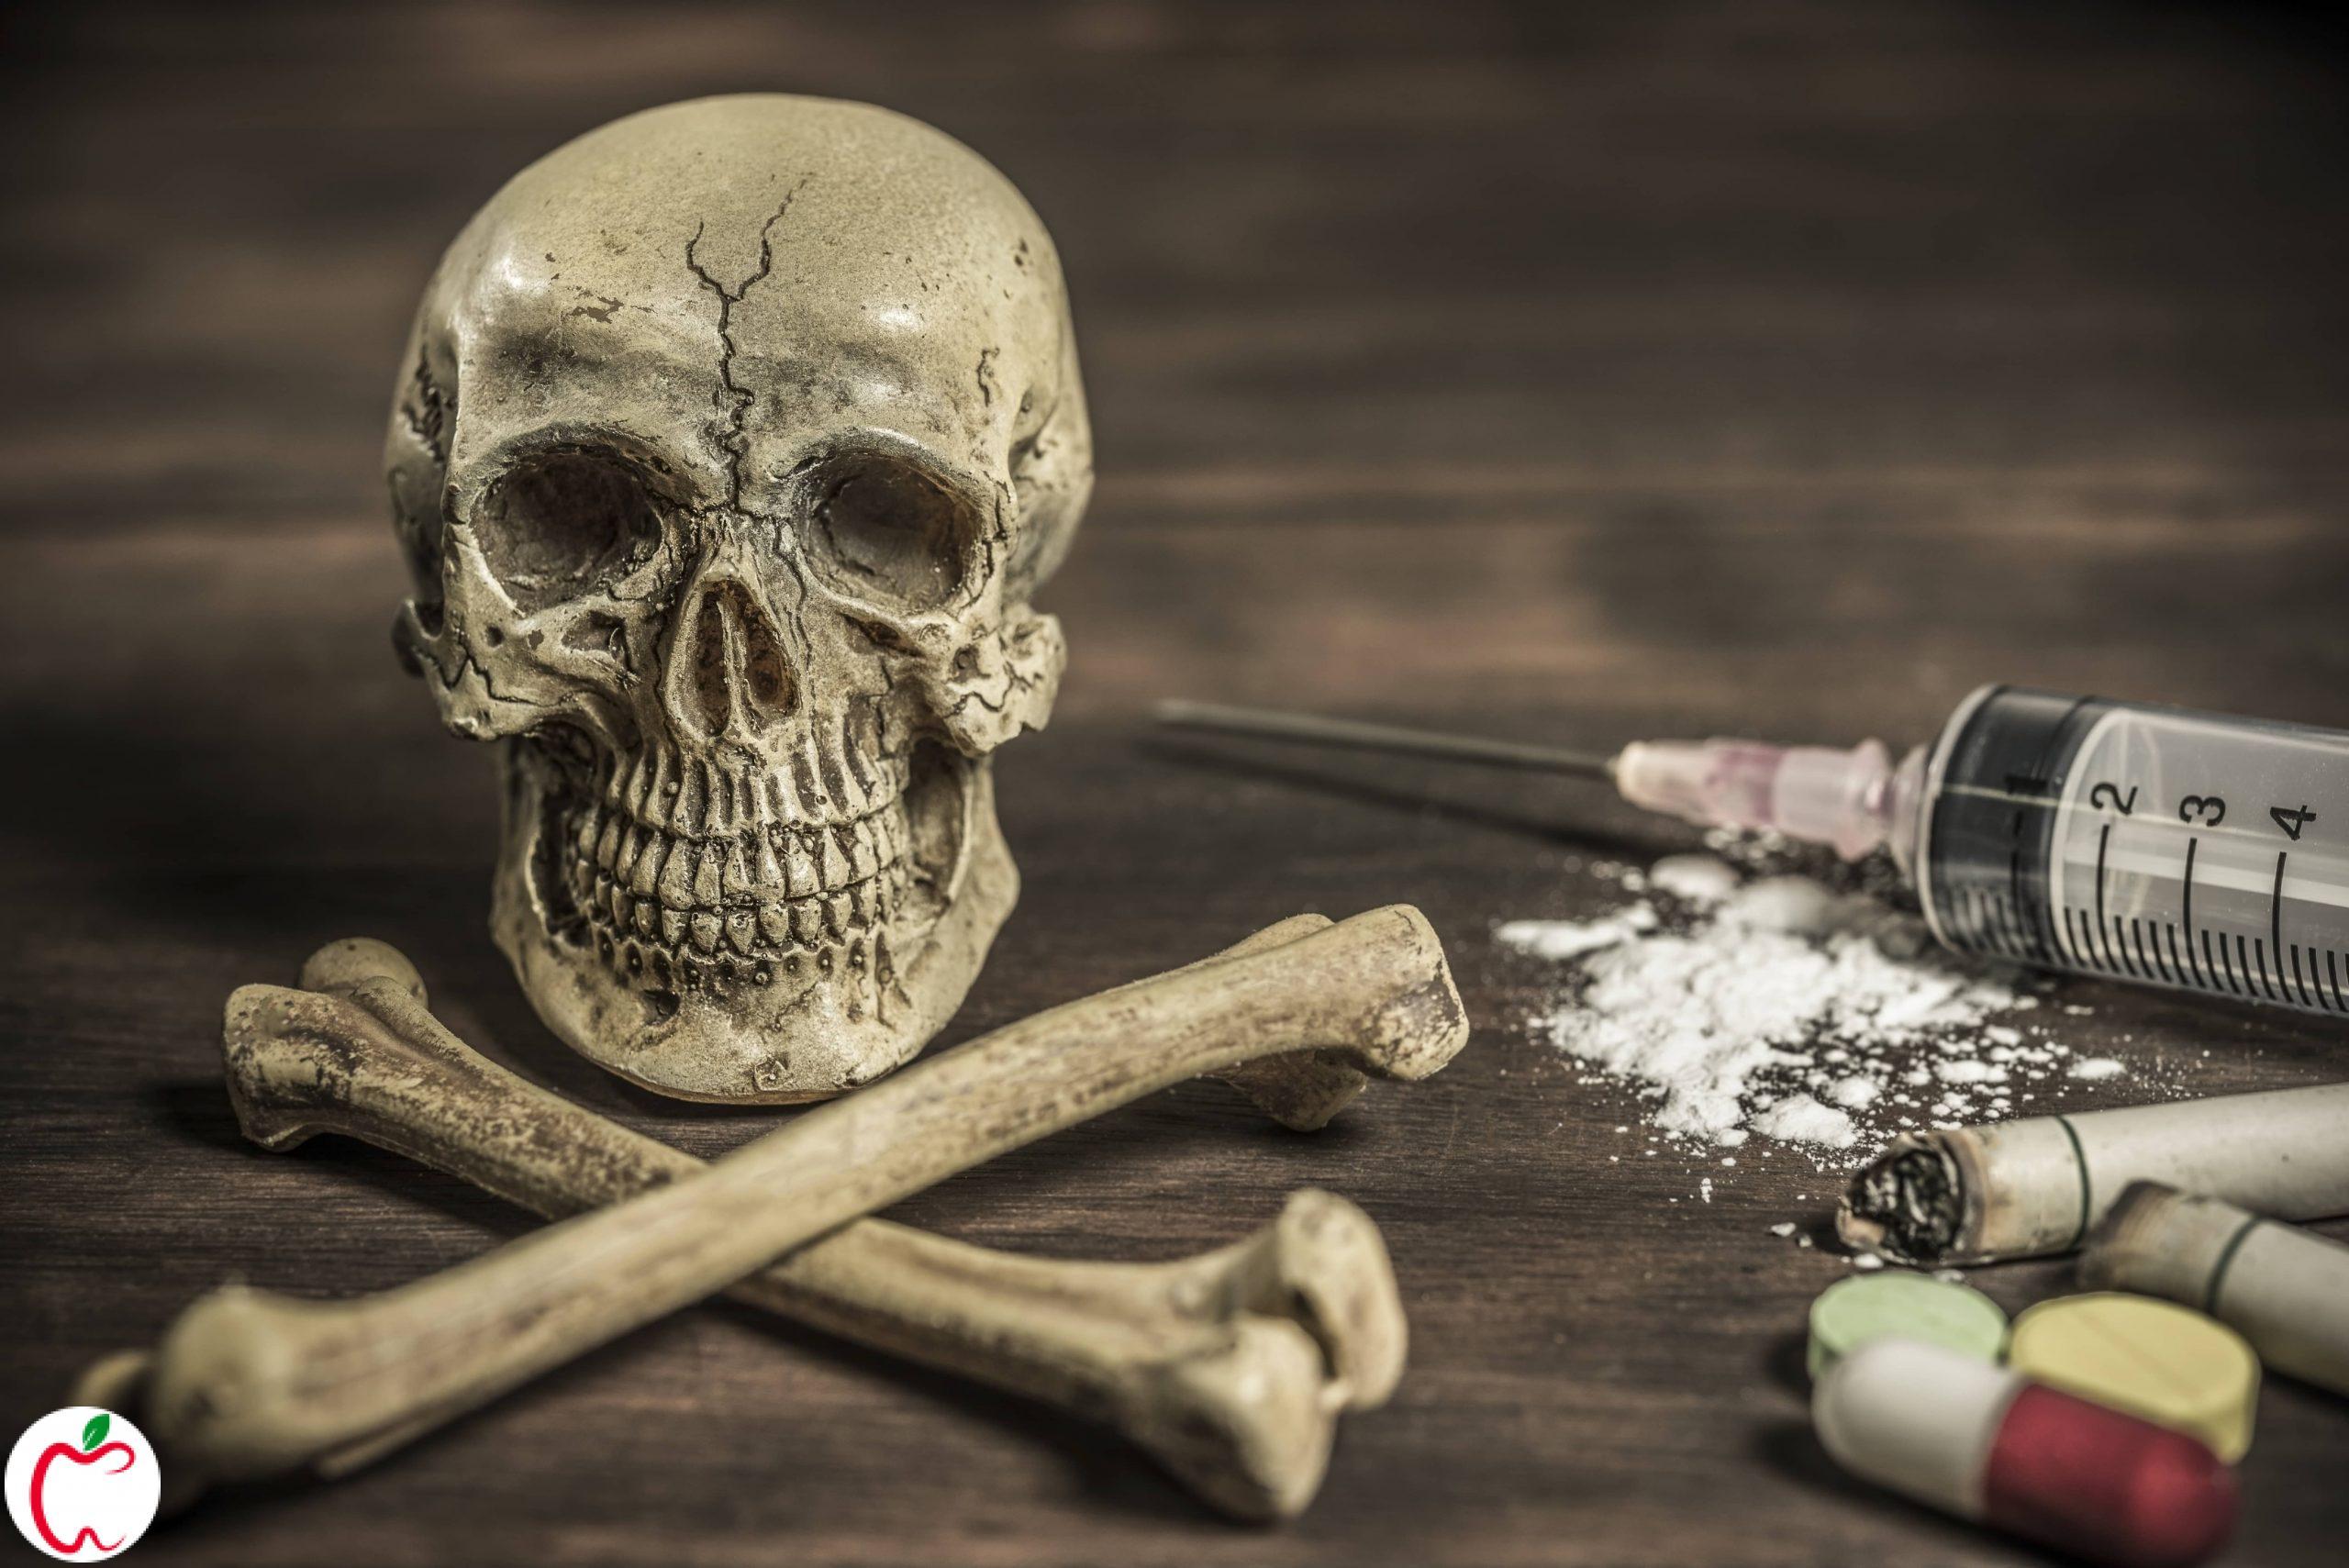 داروهای ضد تشنج داروی خطرناک برای کبد  سیو طب